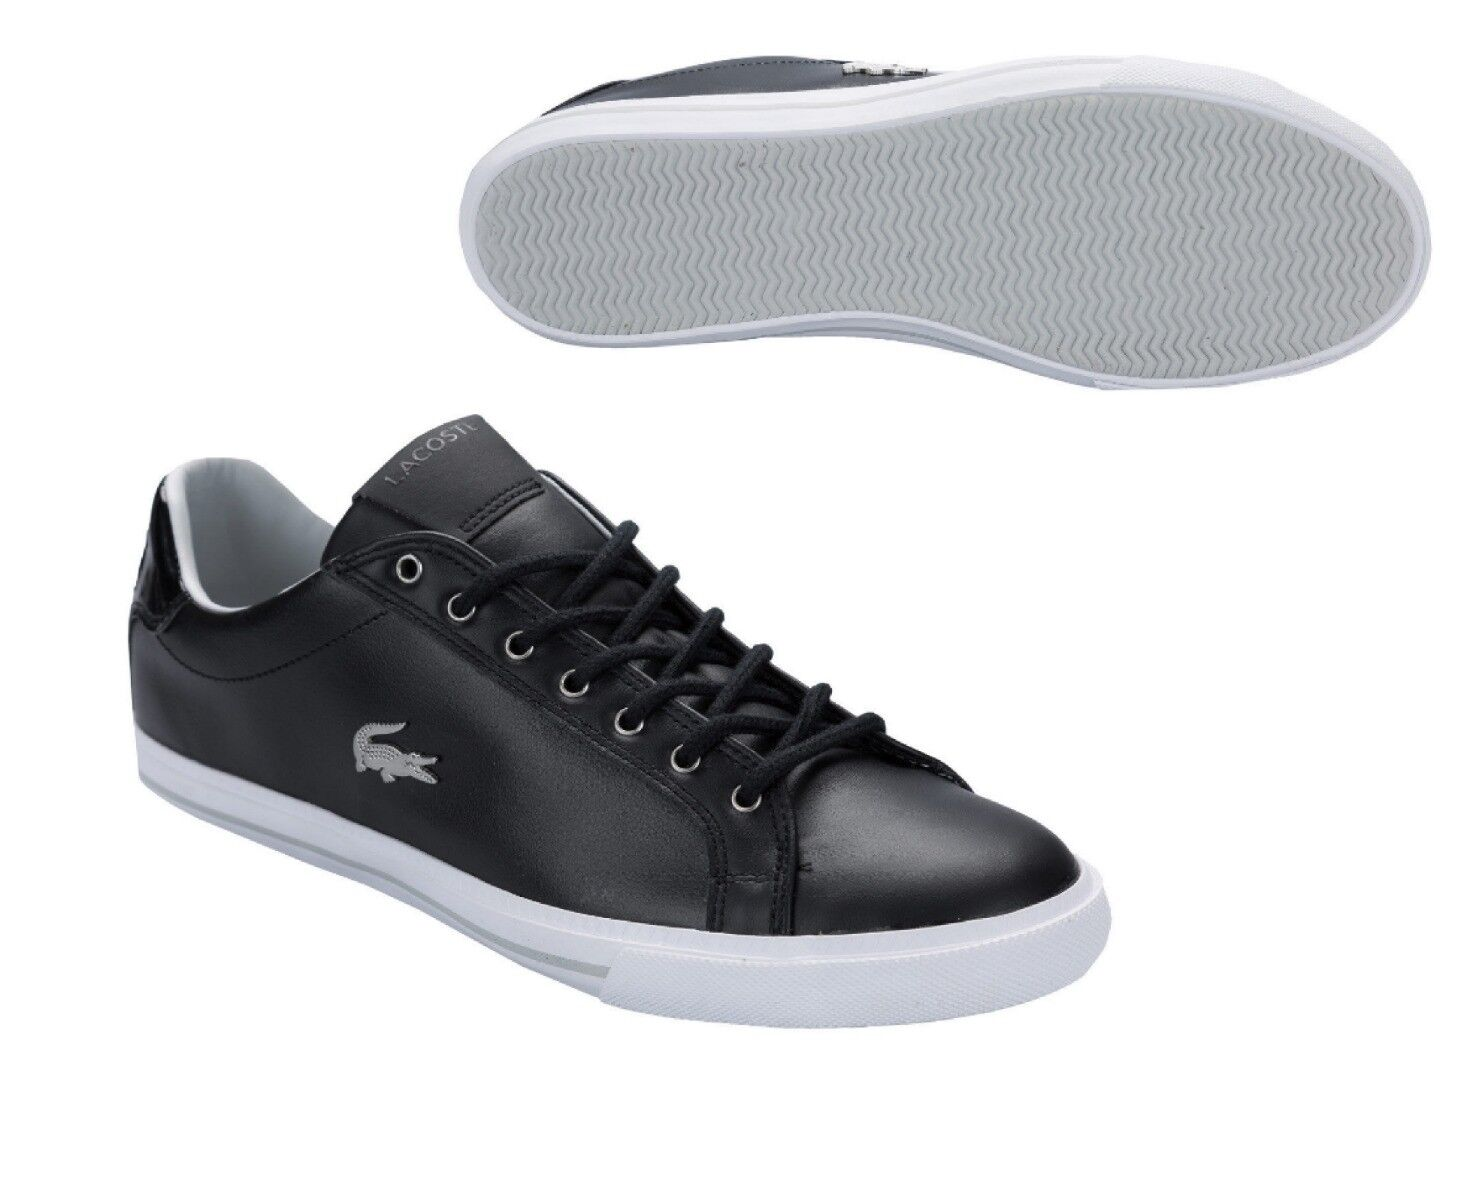 Lacoste Grad Vulc MTE SPM Black Grey Size 11 Mens Trainer Shoe RRP £80/-